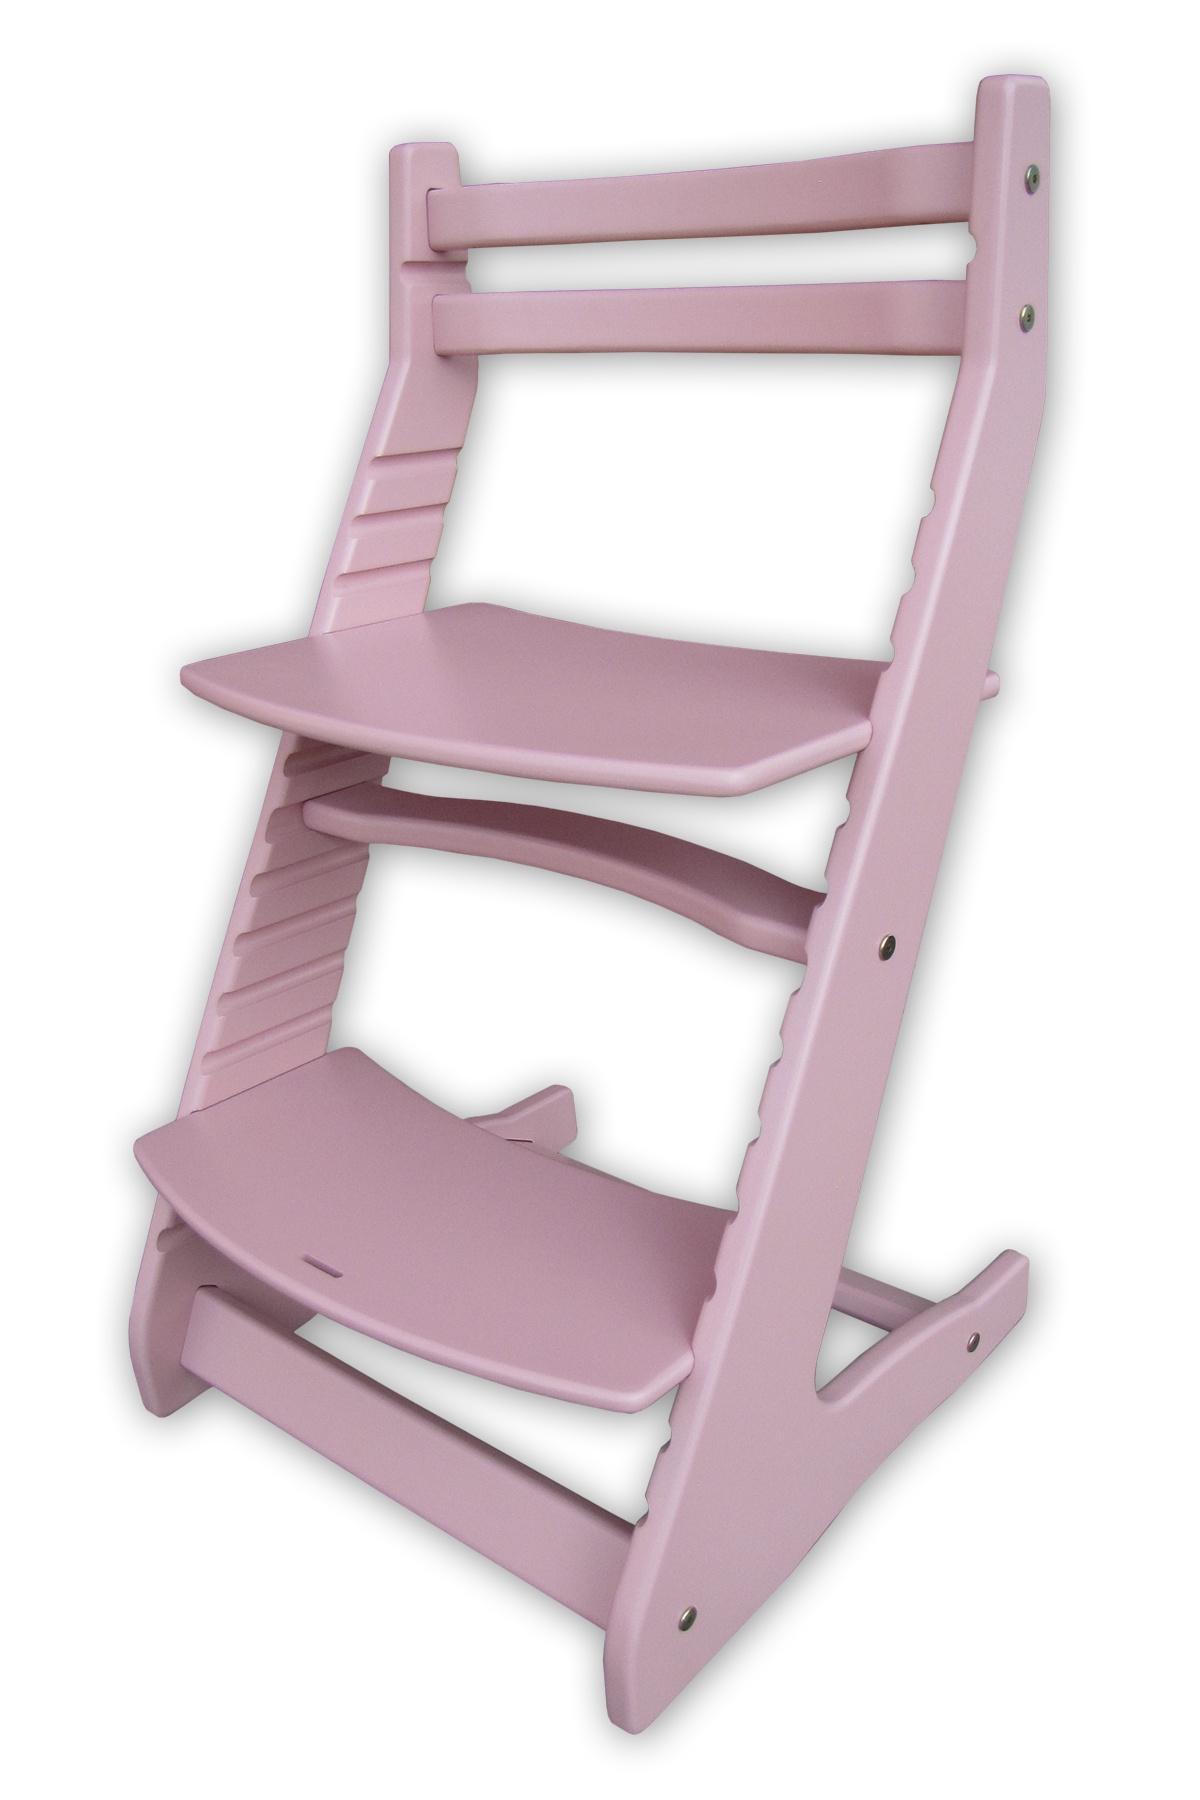 Растущий регулируемый стул. Детский стульчик для кормления Вырастайка - фламинго